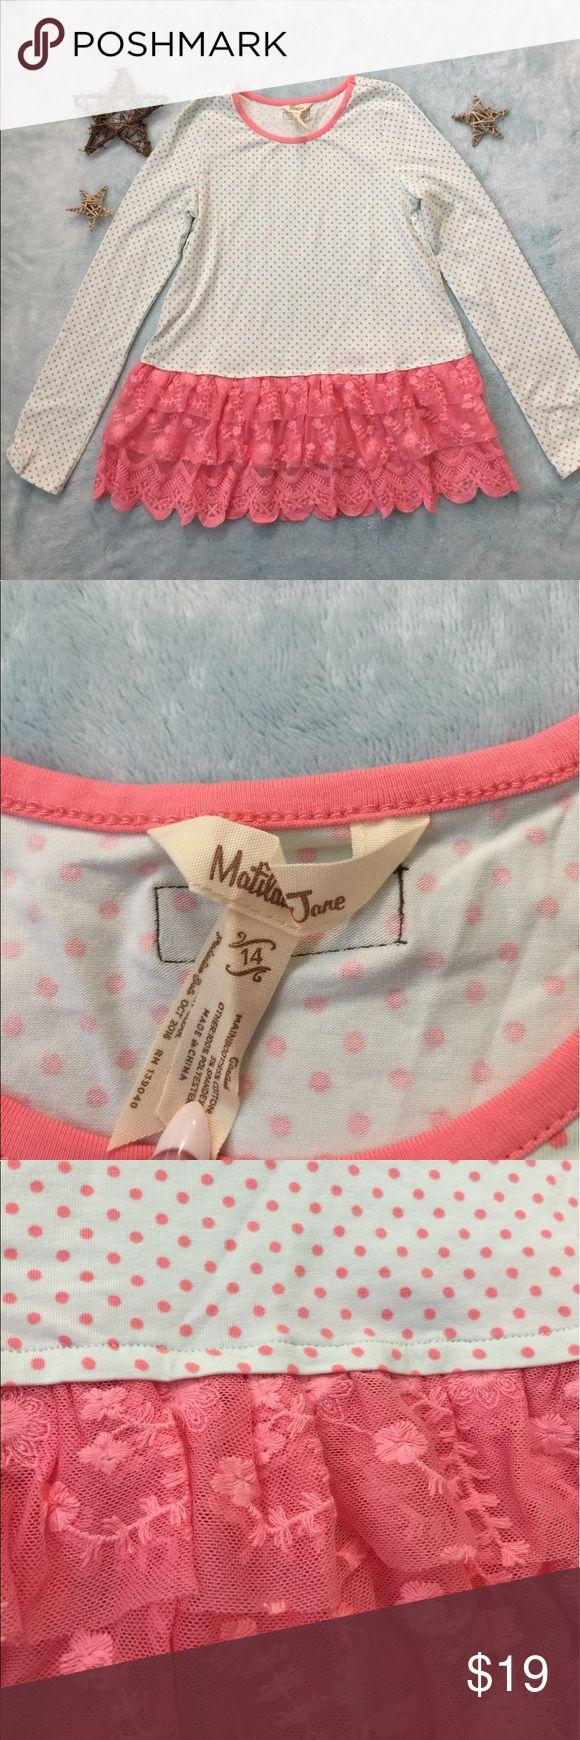 Selling this NWOT Matilda Jane Lace Ruffle hem Polka dot Tee on Poshmark! My username is: evabizek. #shopmycloset #poshmark #fashion #shopping #style #forsale #Matilda Jane #Other